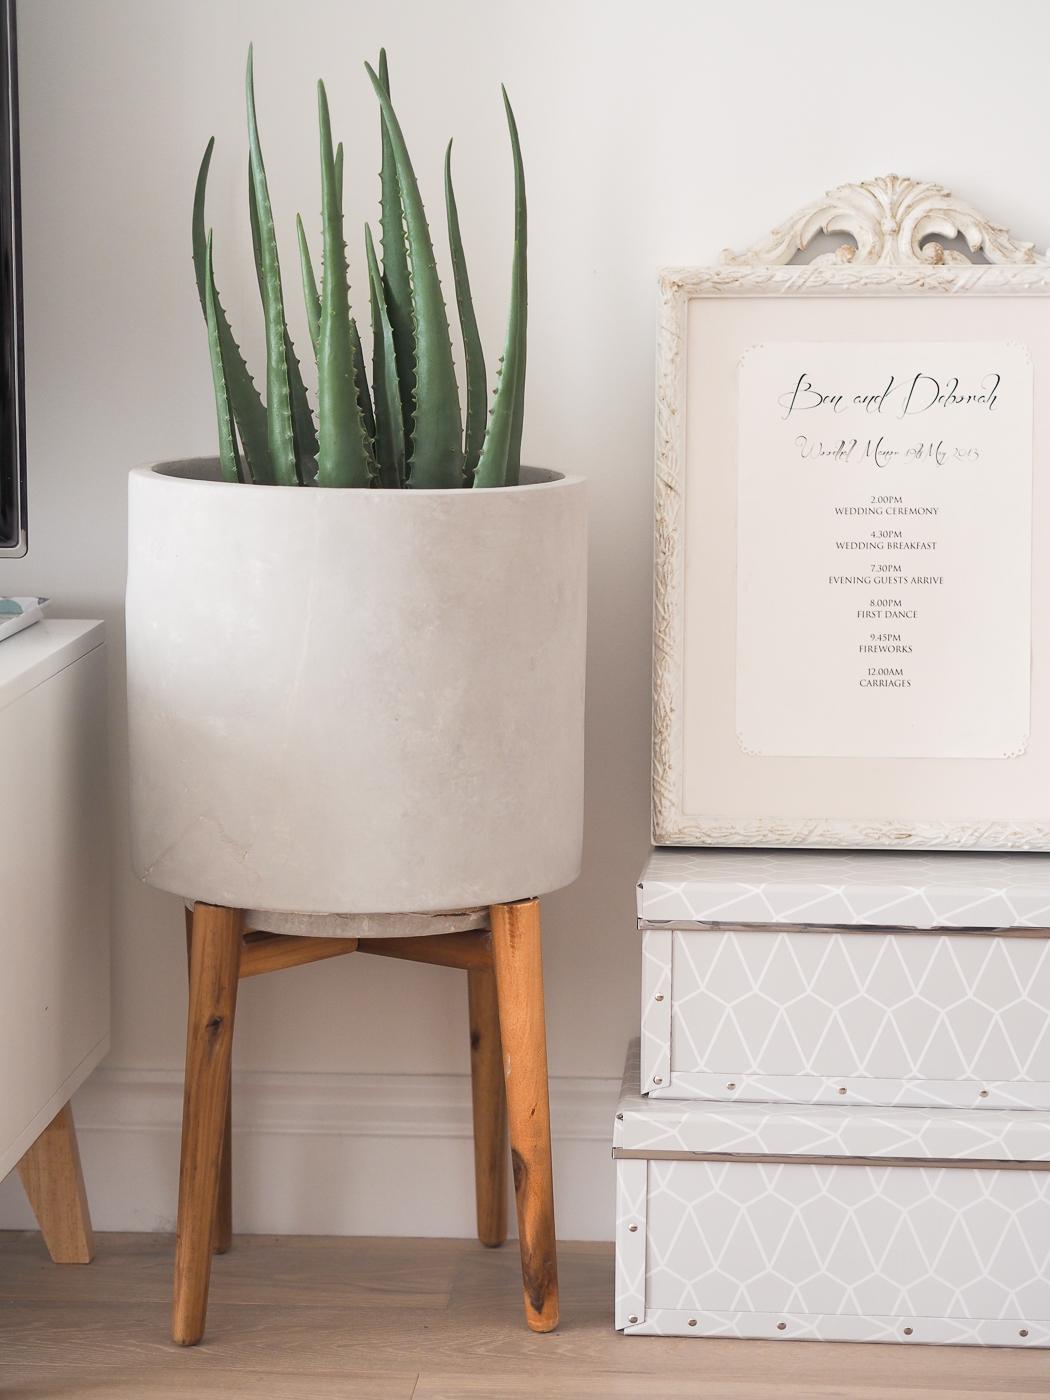 concrete planter on wooden legs